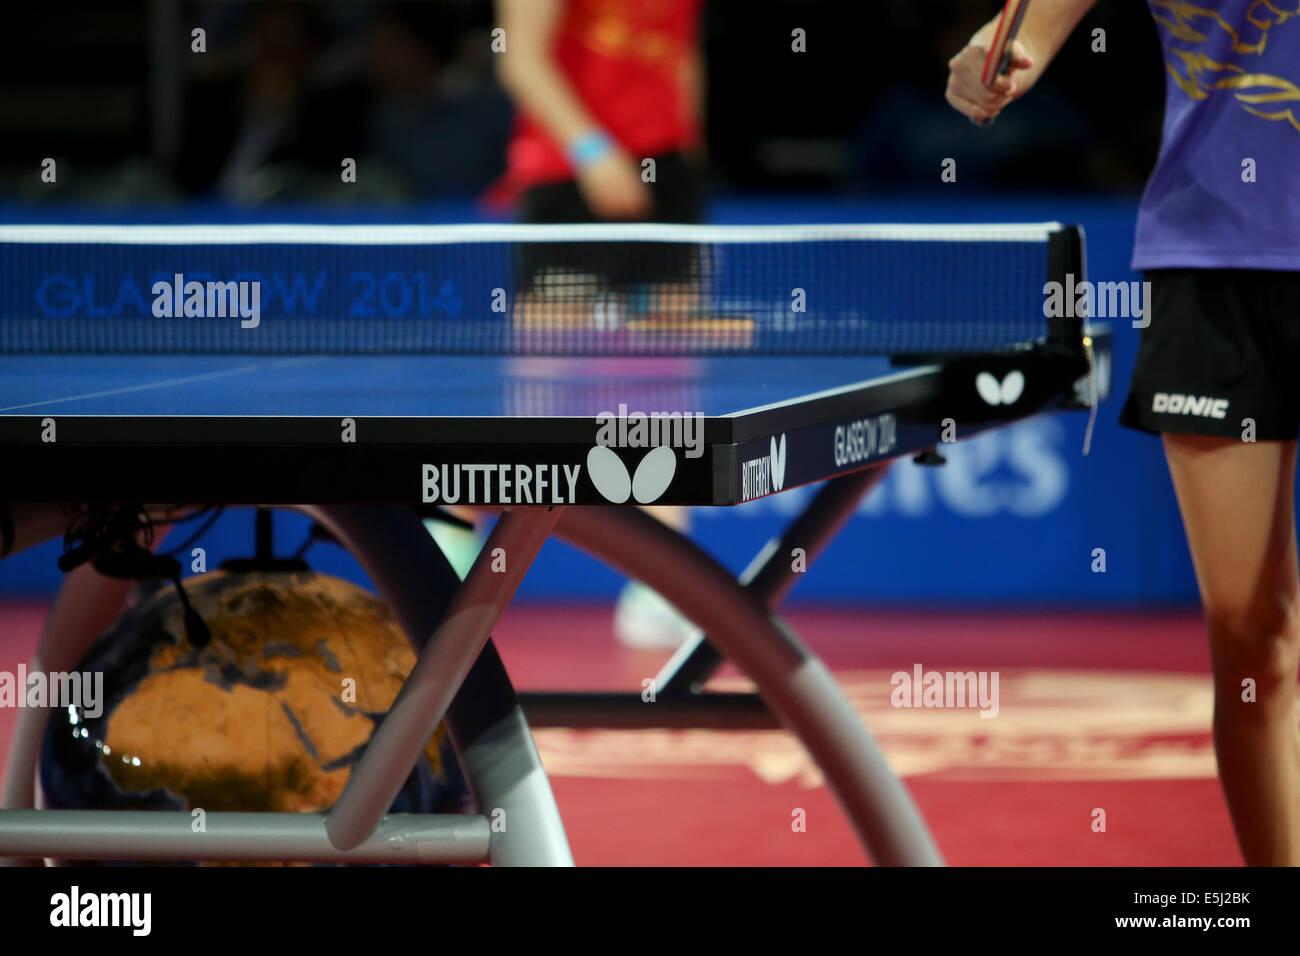 Glasgow, Escocia, Reino Unido. 1 de agosto de 2014. Tarde solteros tenis de mesa. Medal play off partidos. Feng Imagen De Stock